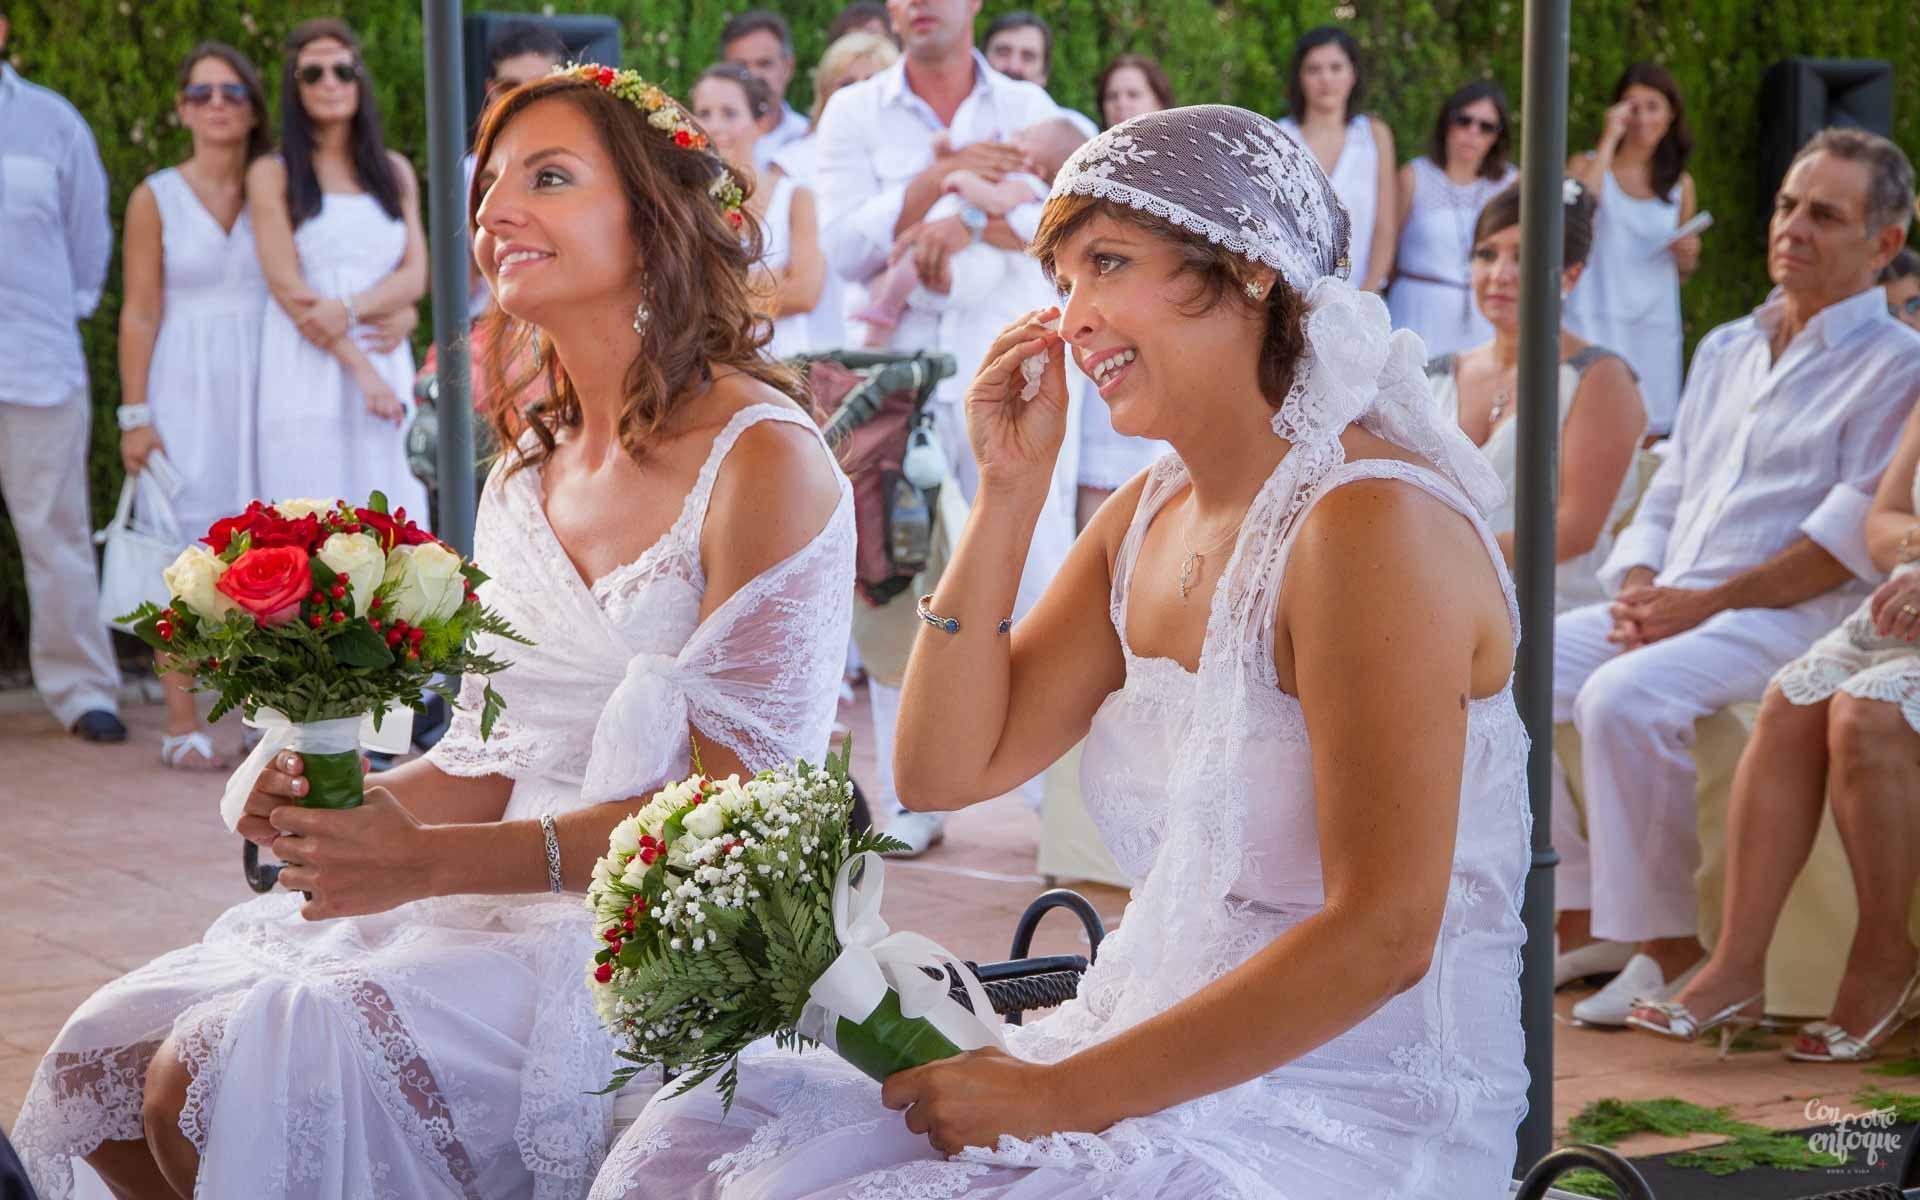 tu boda en alquería Kukala. Valencia. Wedding. Boda estilo ibicenco en Valencia. Boda LGTB